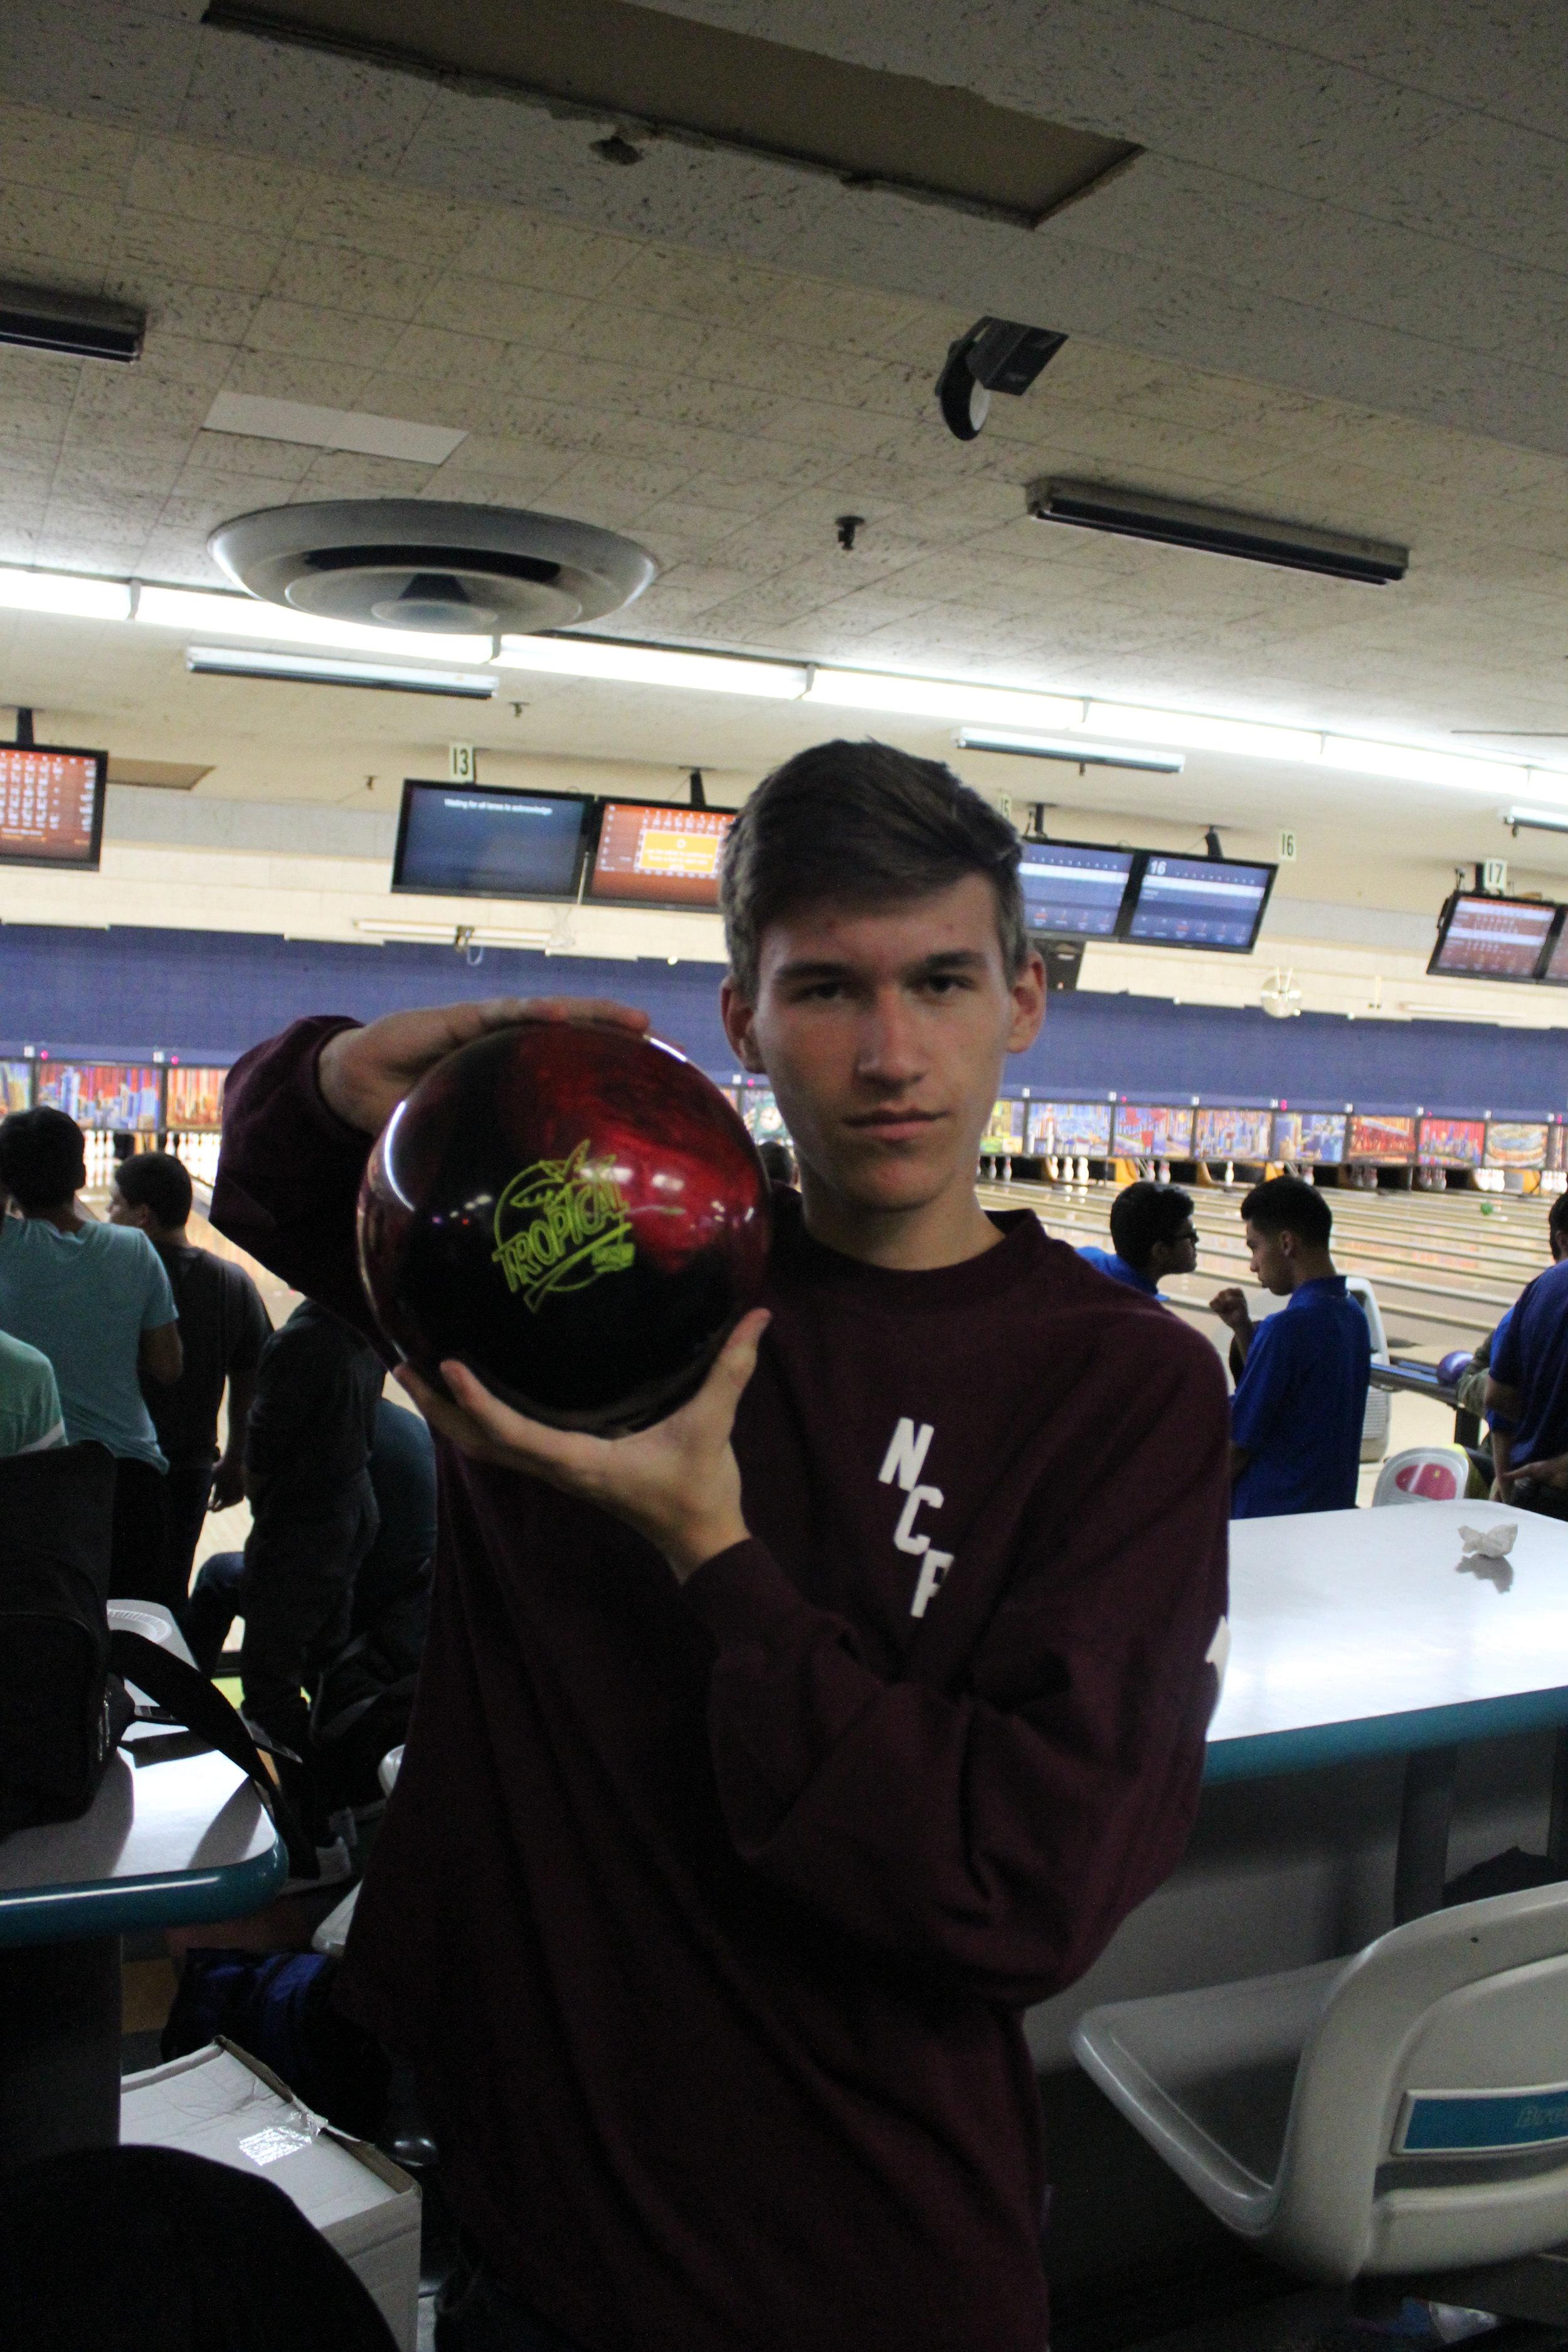 Blake Lehman, Adv. 804, clutches the ball.